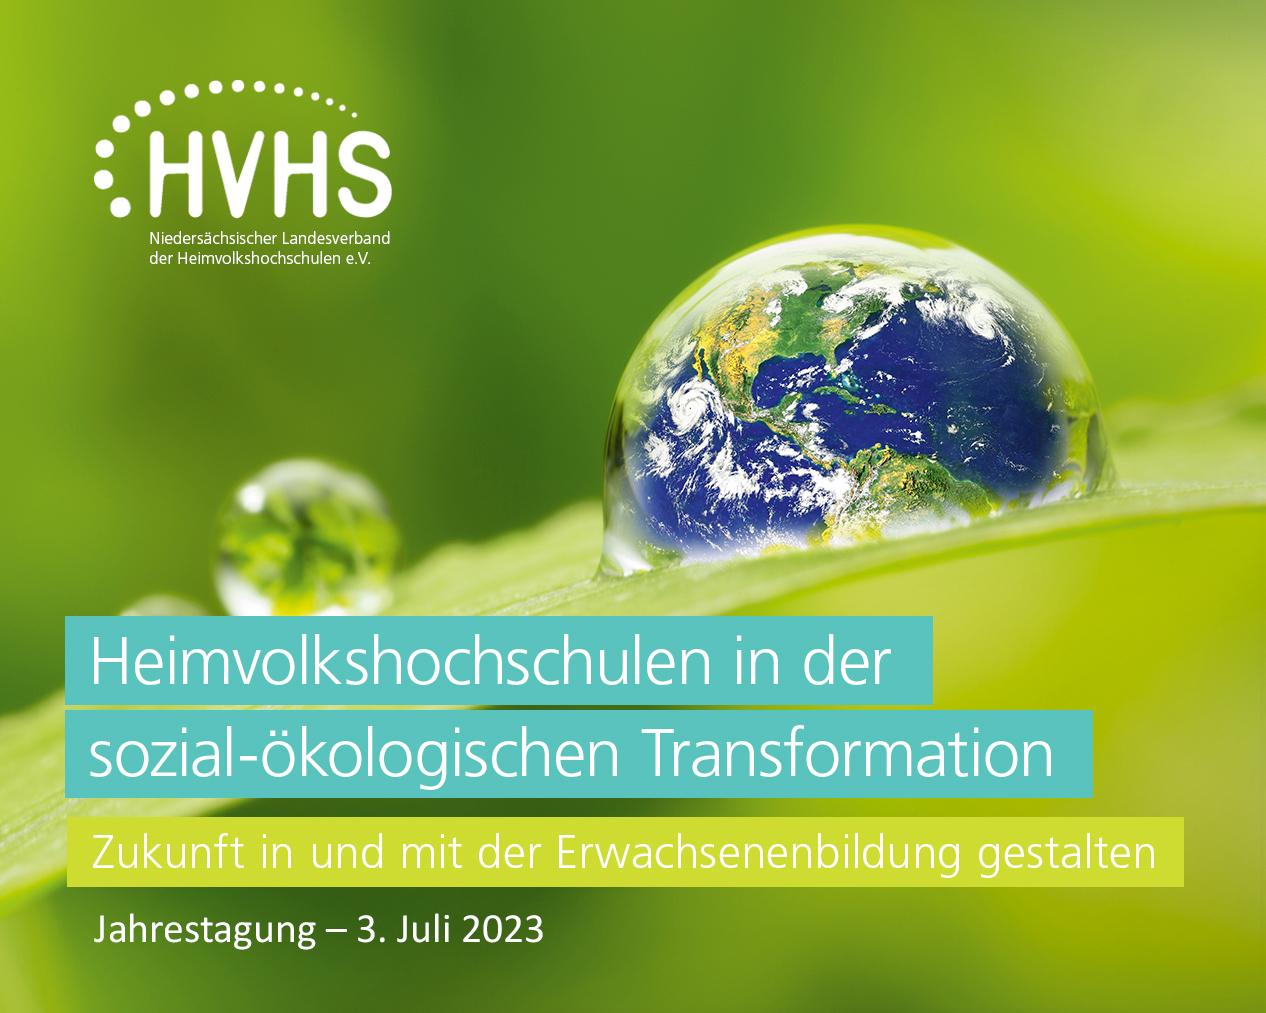 HVHS Bildungsurlaub 2016 Niedersachsen